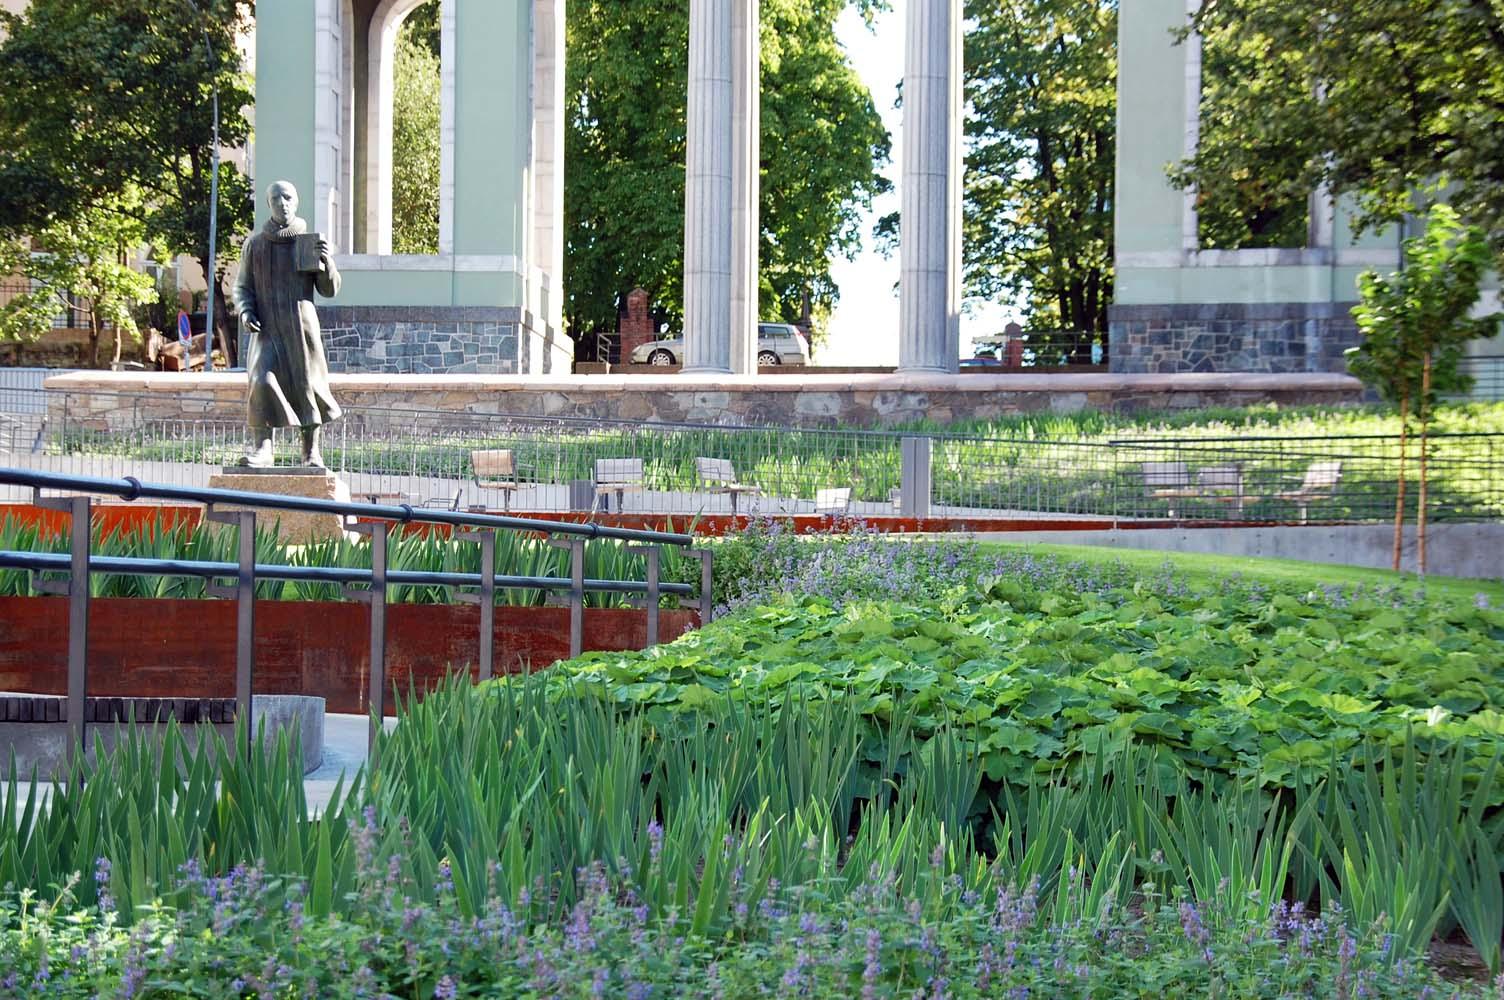 En statue midt på pladsen er omringet af grønne planter.